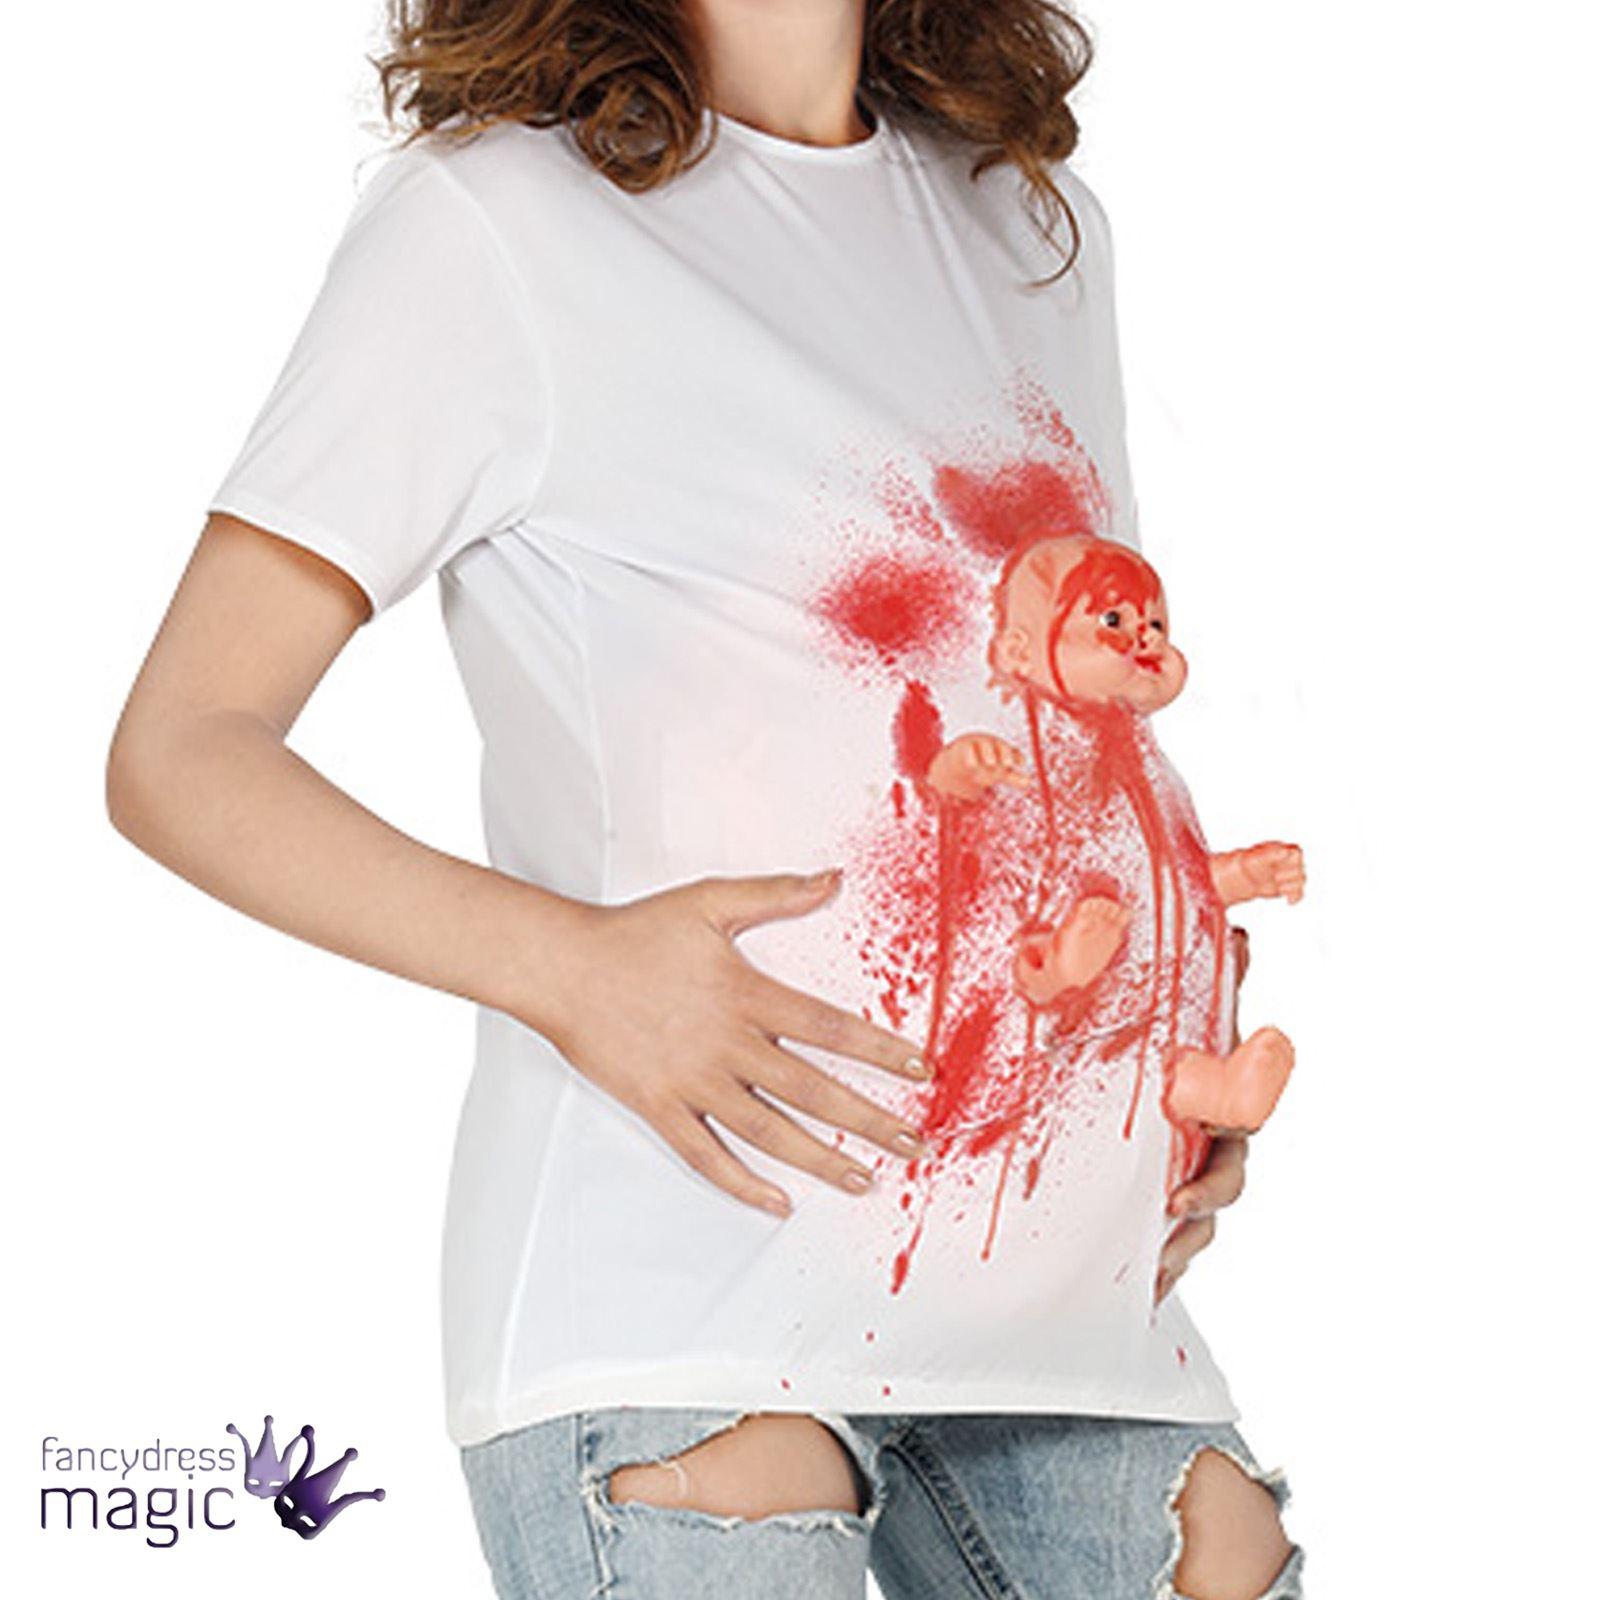 damen halloween schwangerschaft zombie kost m kleid outfit baby unheimlich ebay. Black Bedroom Furniture Sets. Home Design Ideas